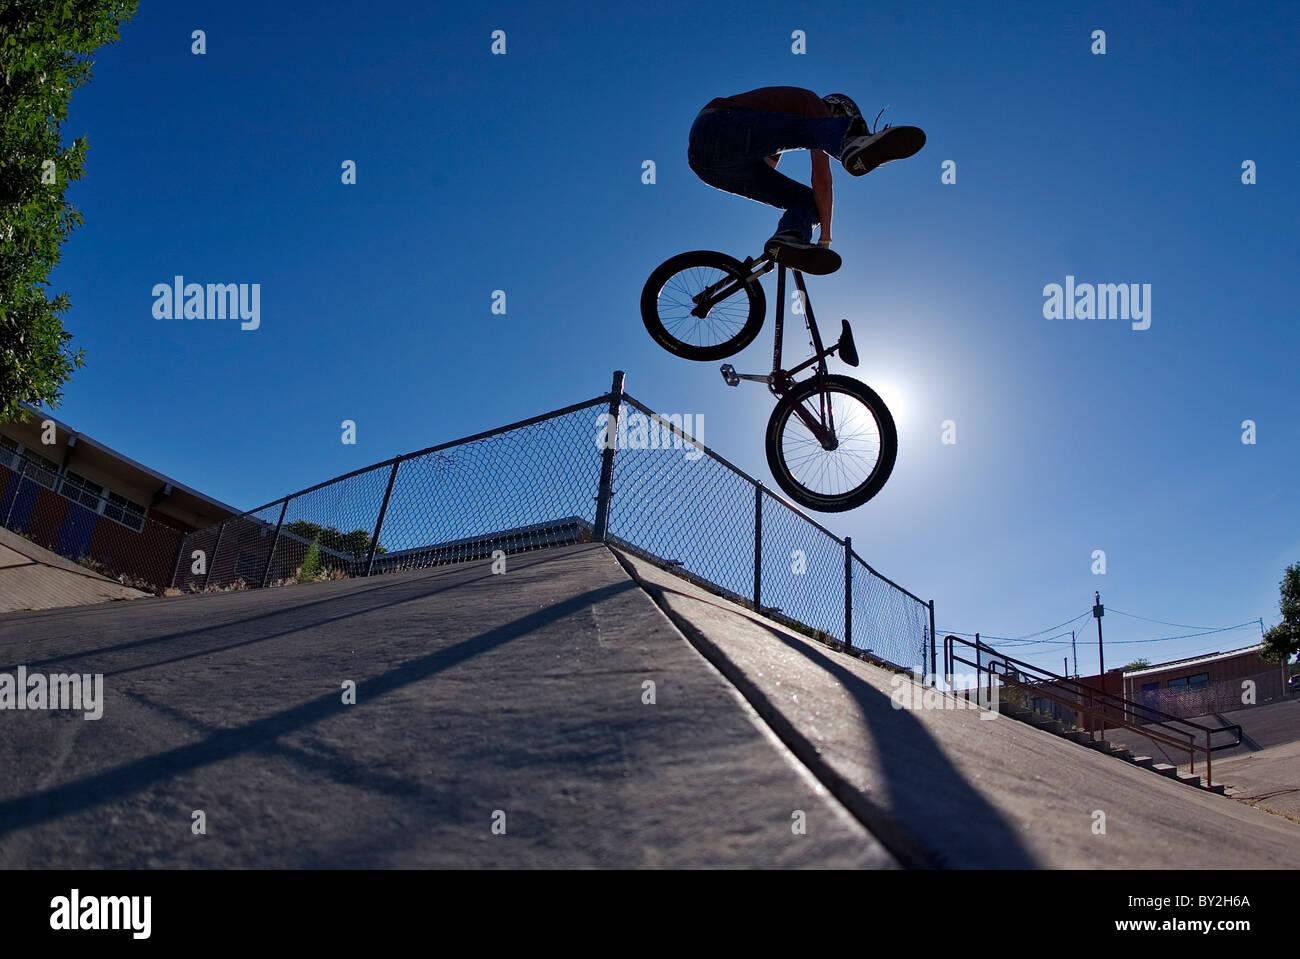 Ein Mountain-Bike-Fahrer hat einen Tailwhip auf eine konkrete Bank in Albuquerque, NM. Stockbild